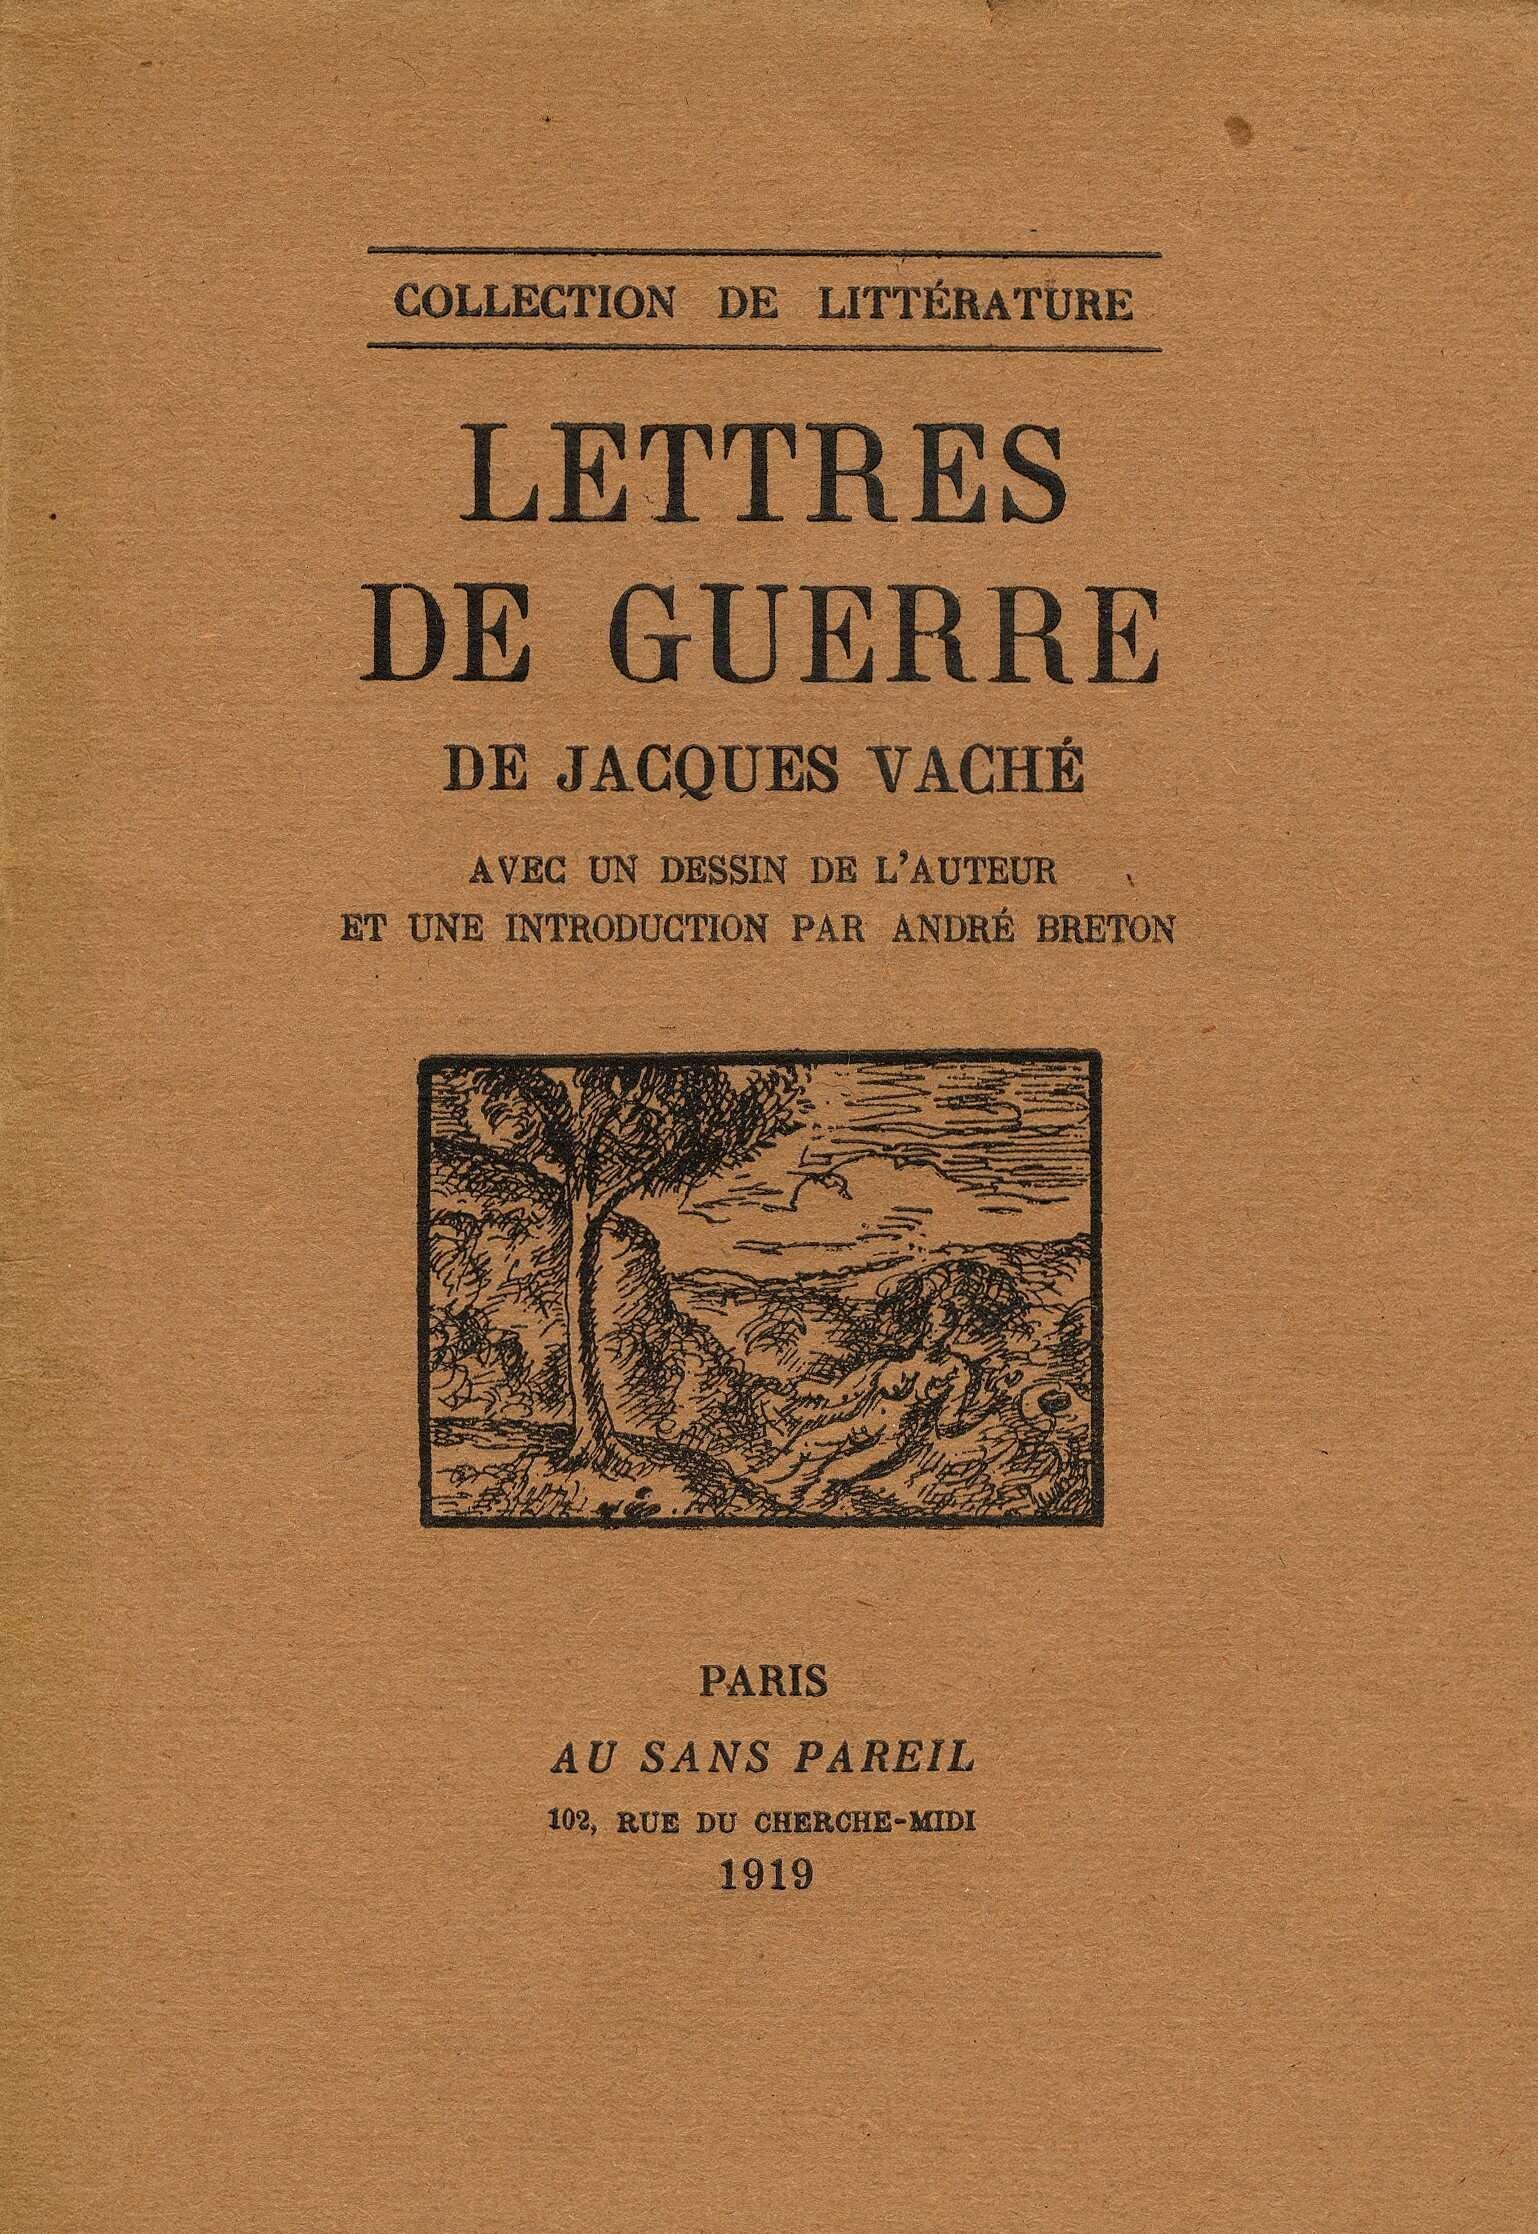 image for Au Sans Pareil